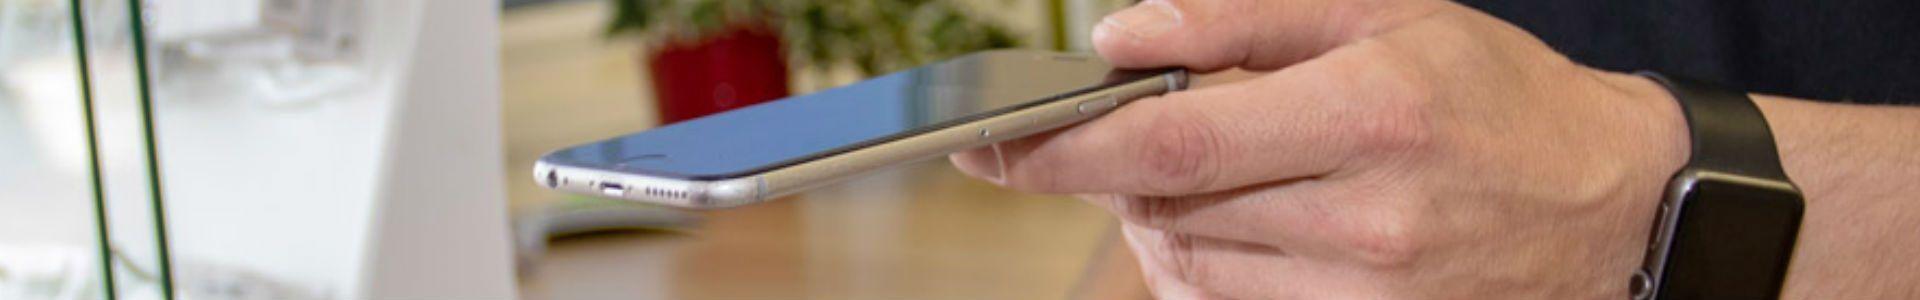 jan-gorter-iphone-reparatie-team-nijhuis-samenwerking-header